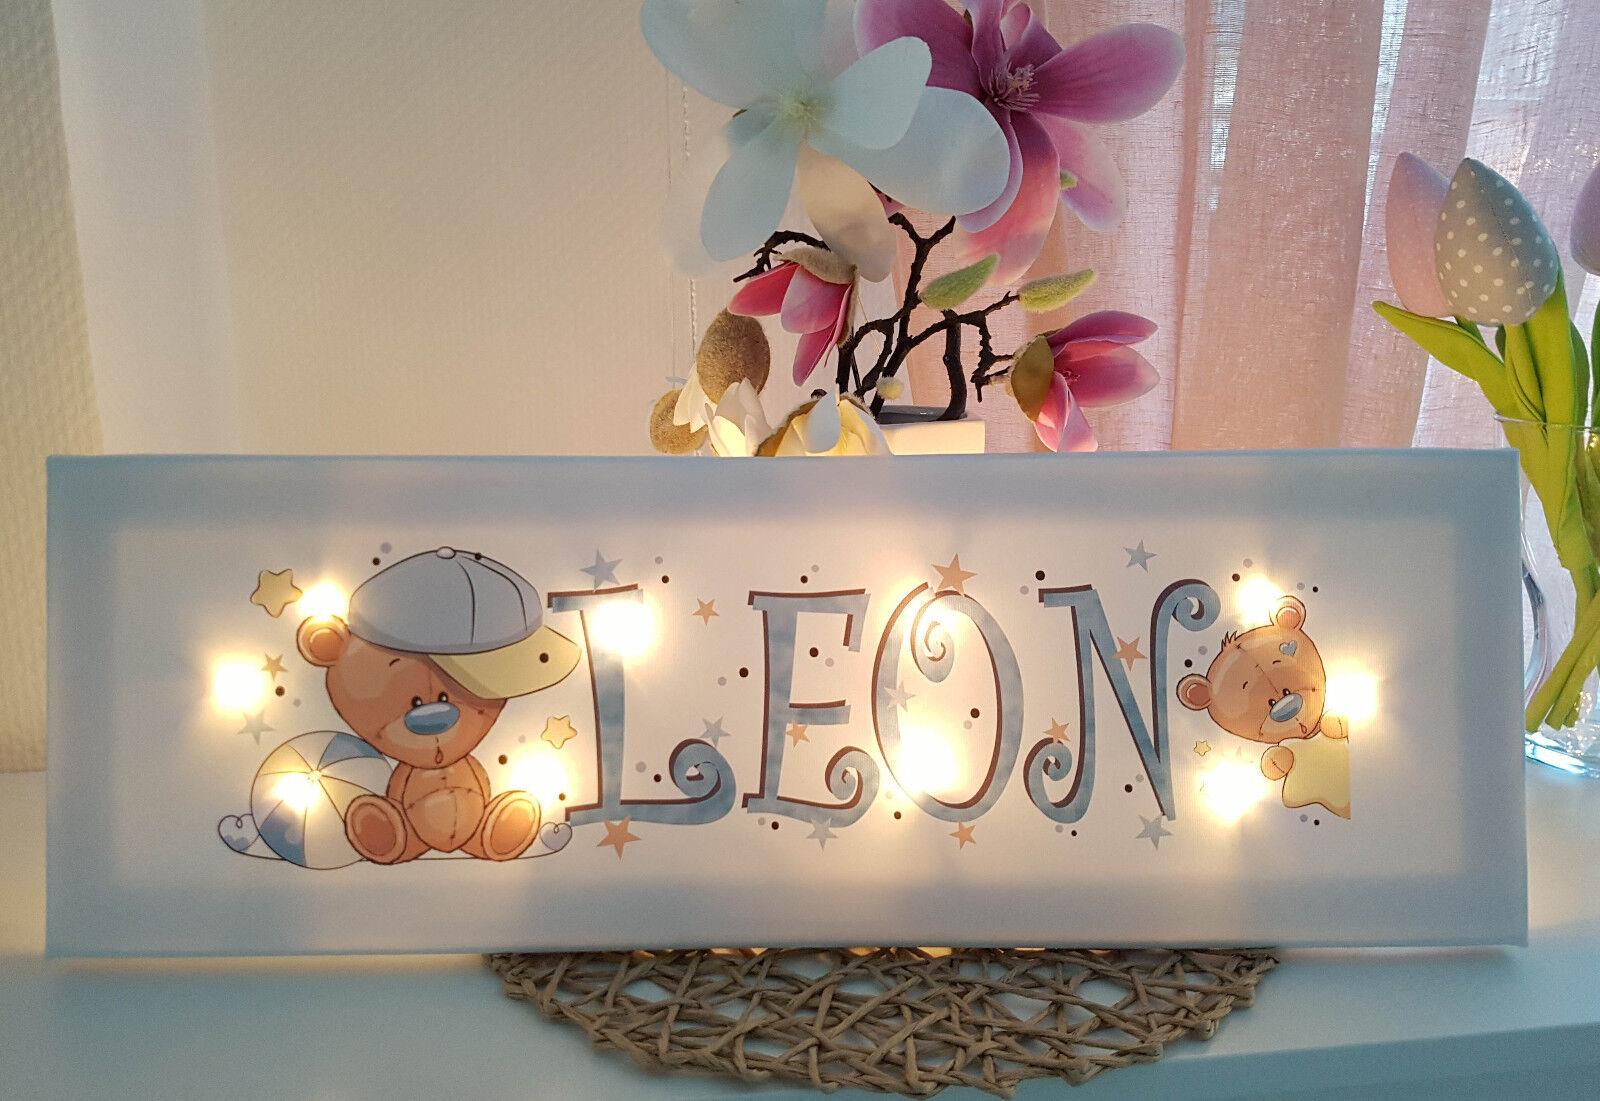 Rilassante Rilassante Rilassante luce con nome Teddy Lampada Muro Lampada Regalo Baby-stanza dei bambini 4f6988